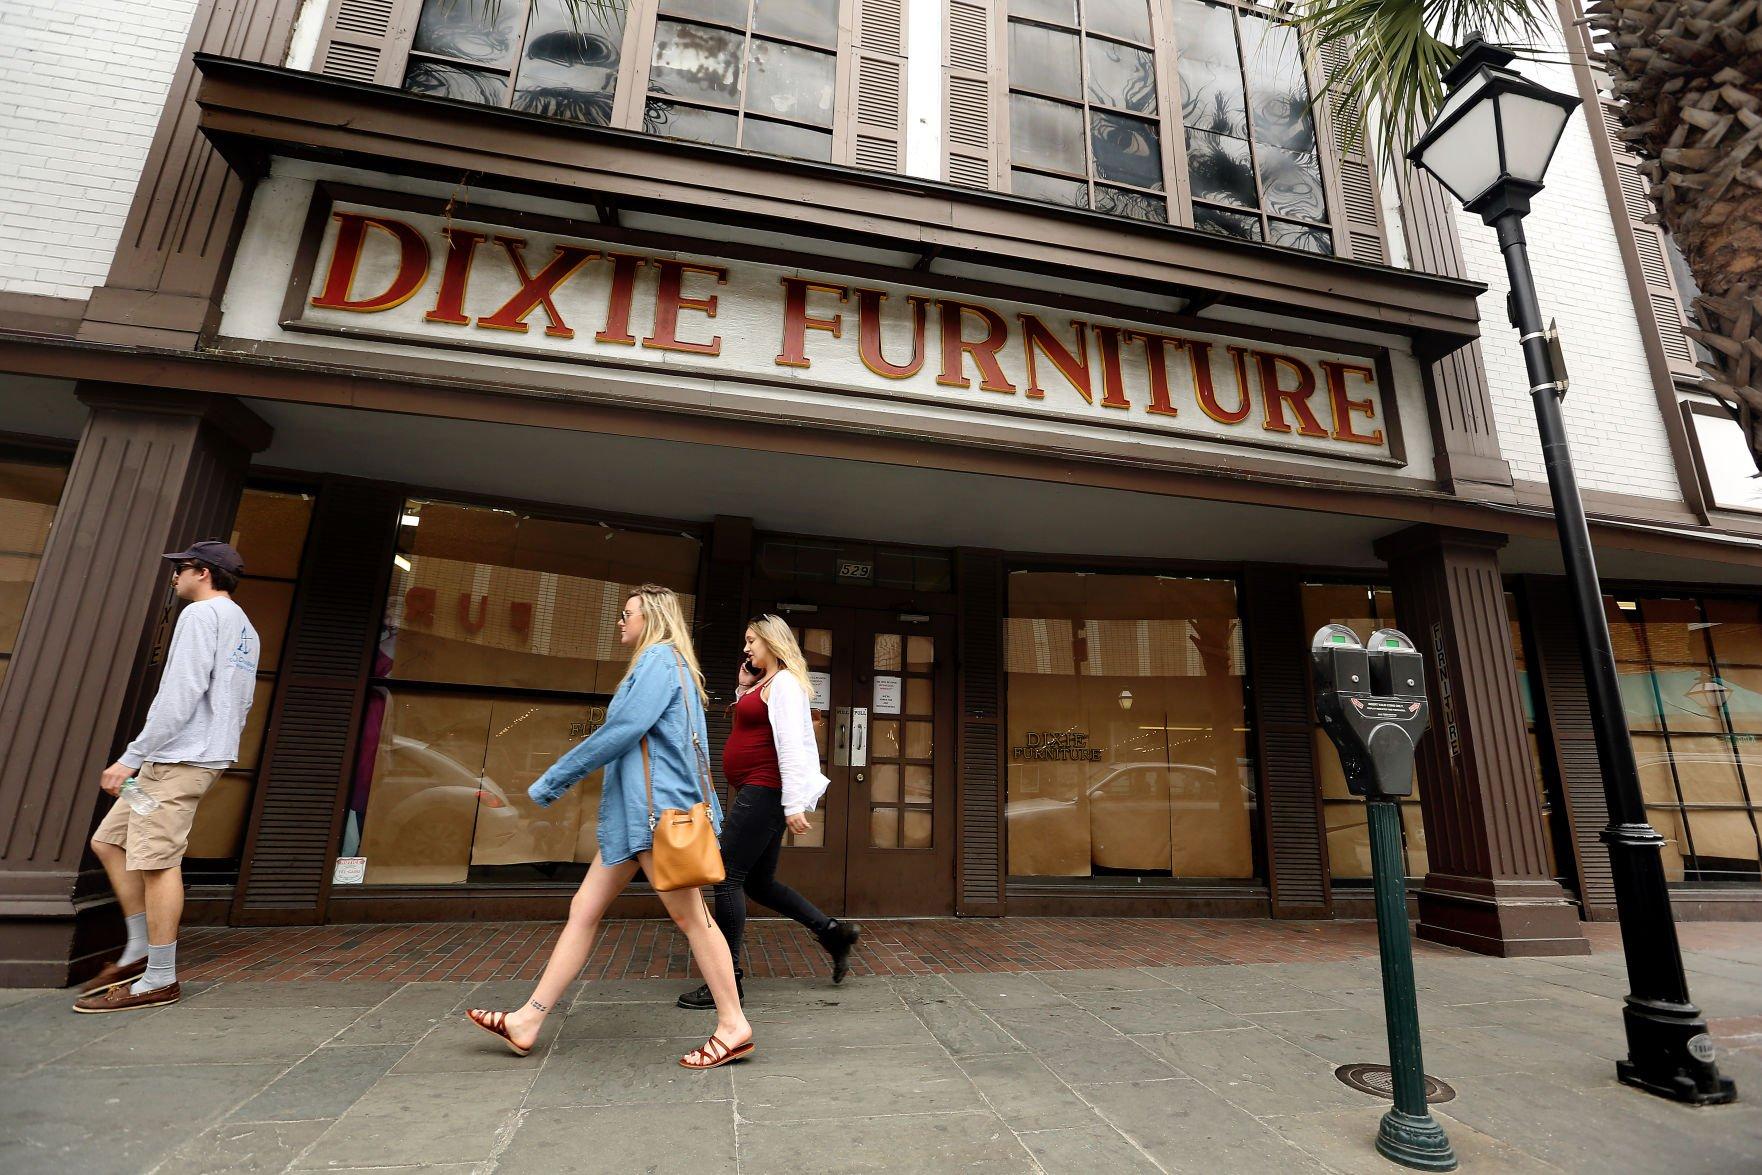 Genial Dixie Furniture Closing (copy)